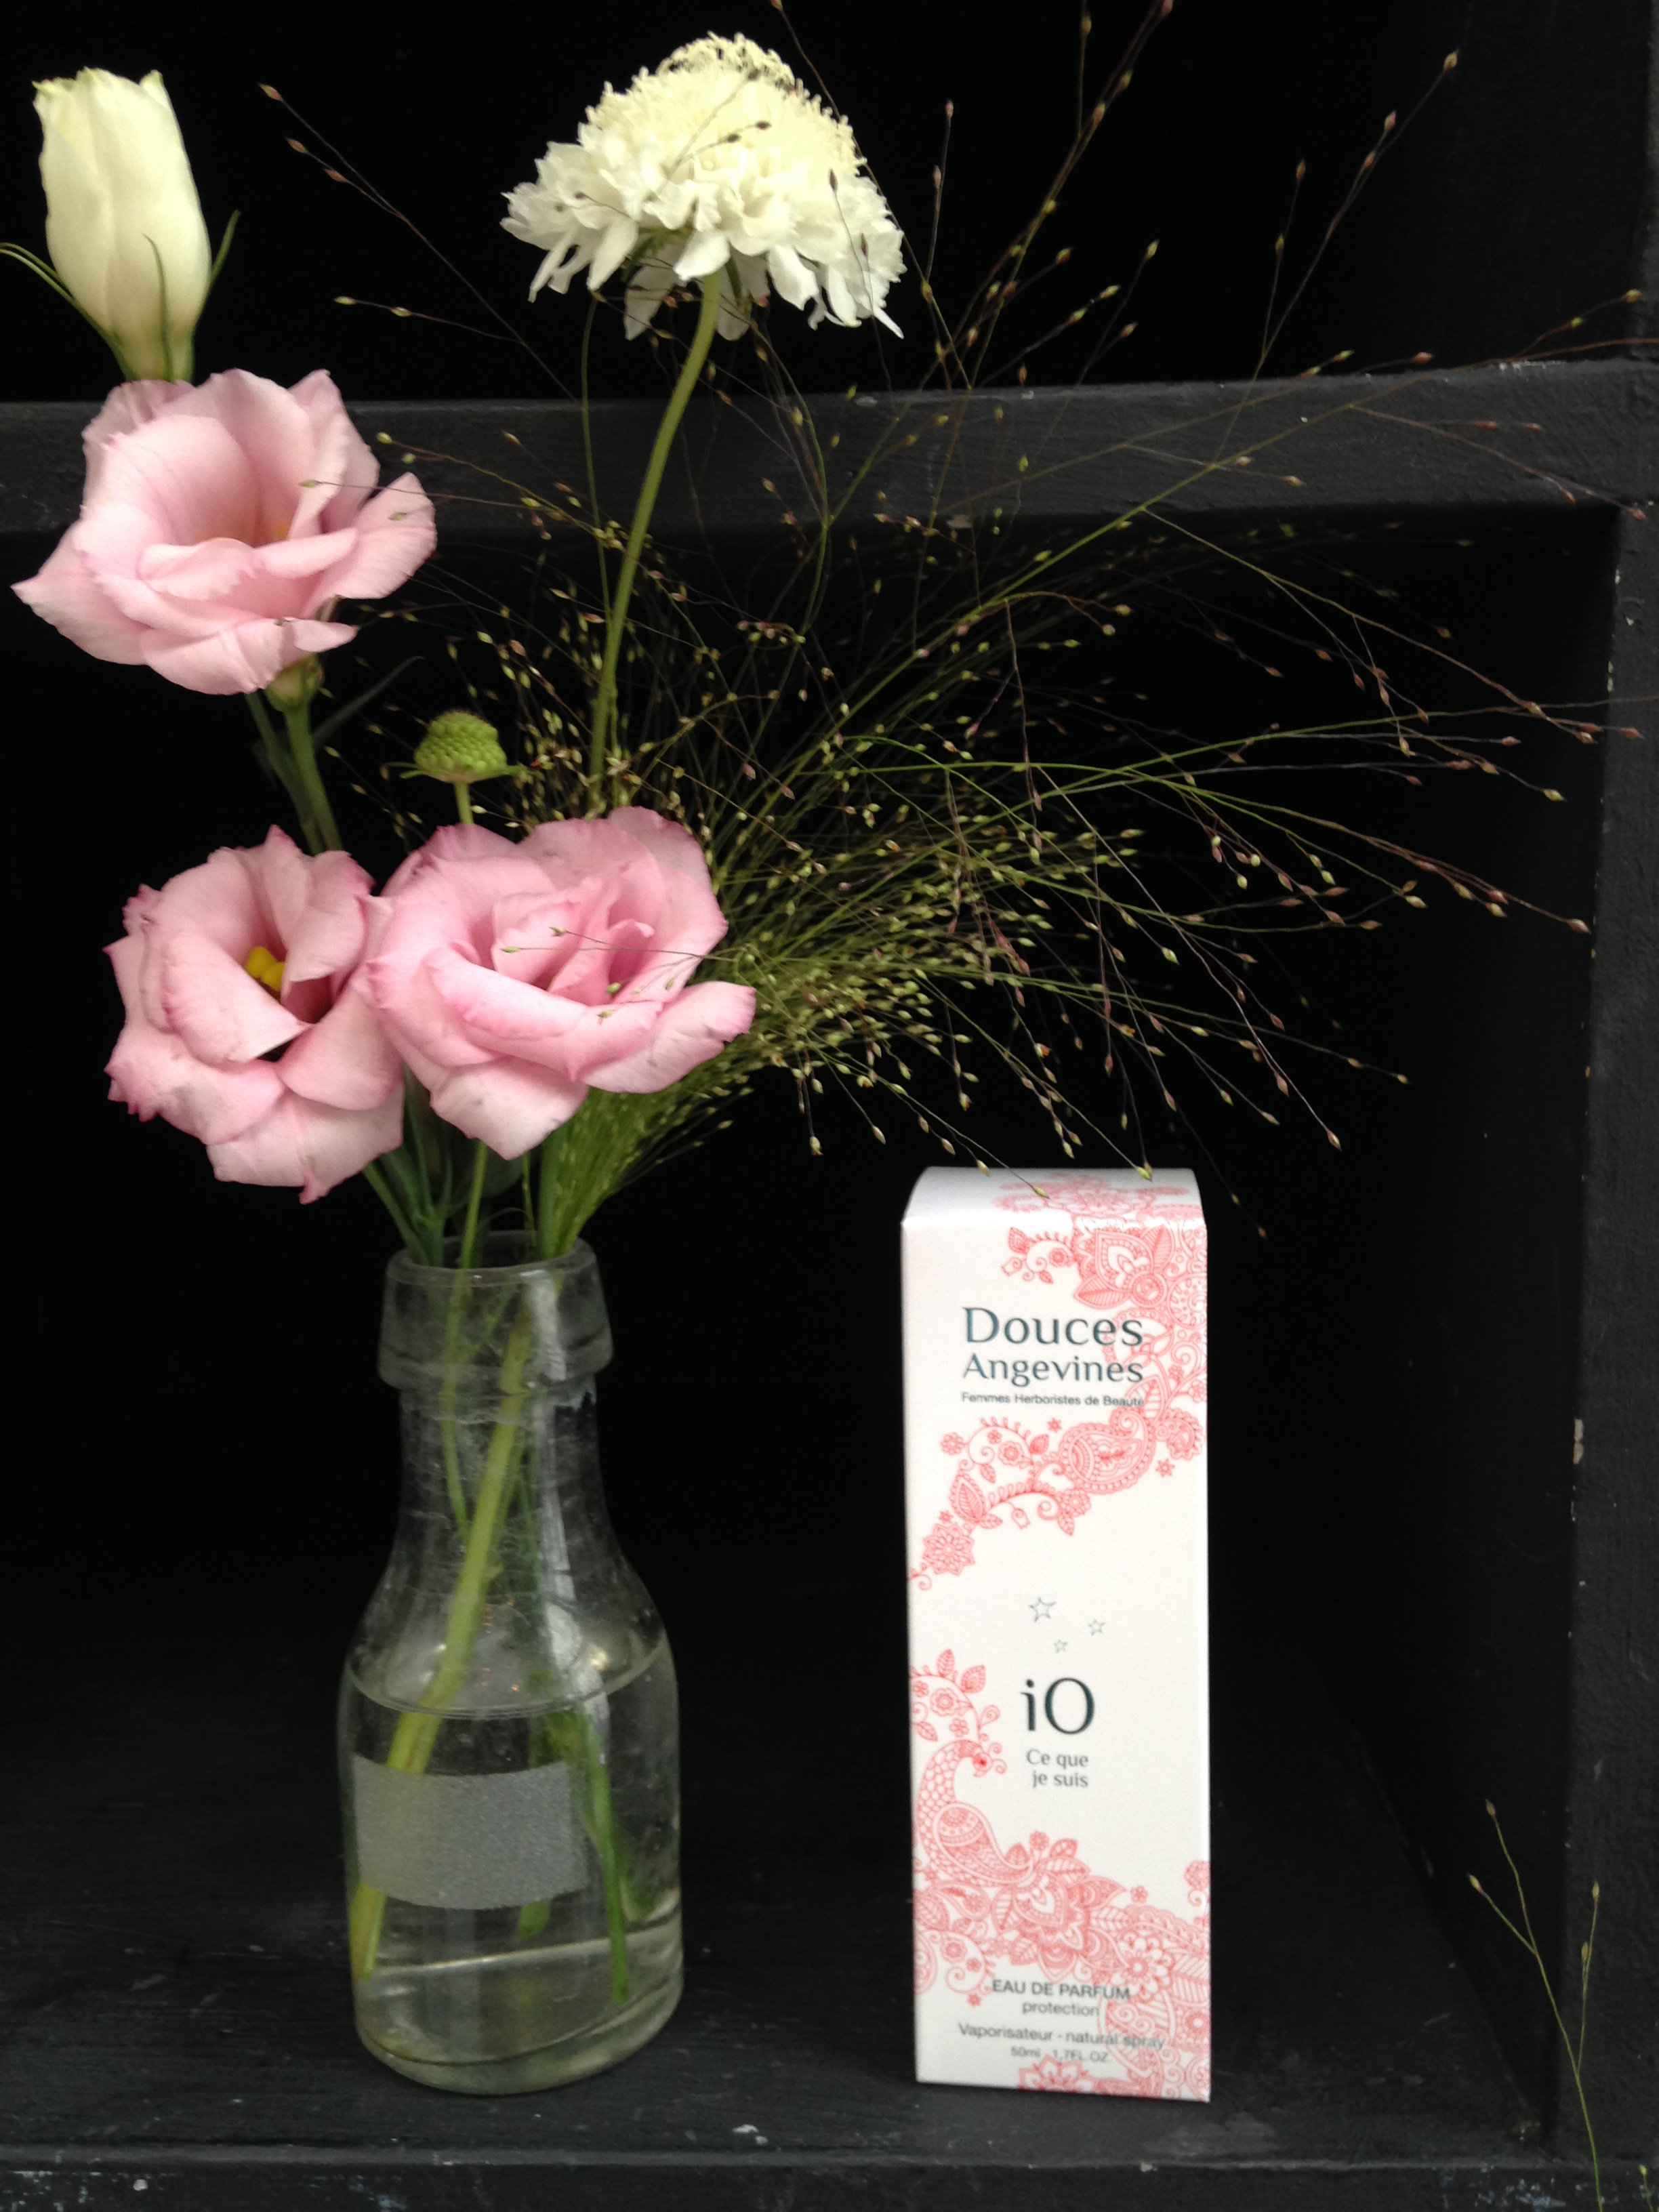 L'Eau de parfum IO, un parfum pour se rapprocher de soi